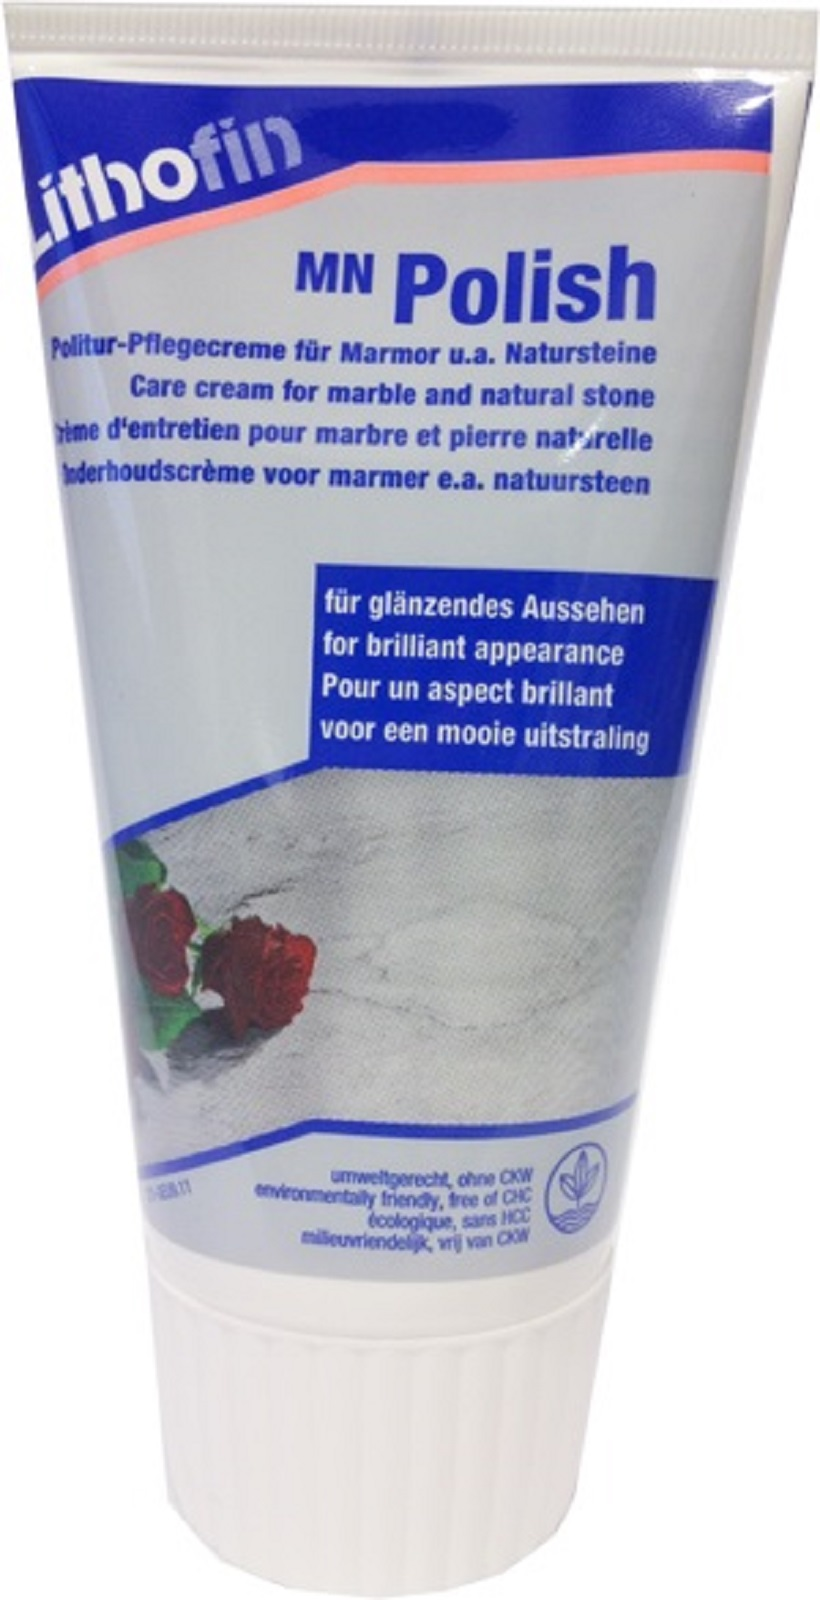 Lithofin MN Polish Politurcreme für Marmor und Natursteine 150 ml